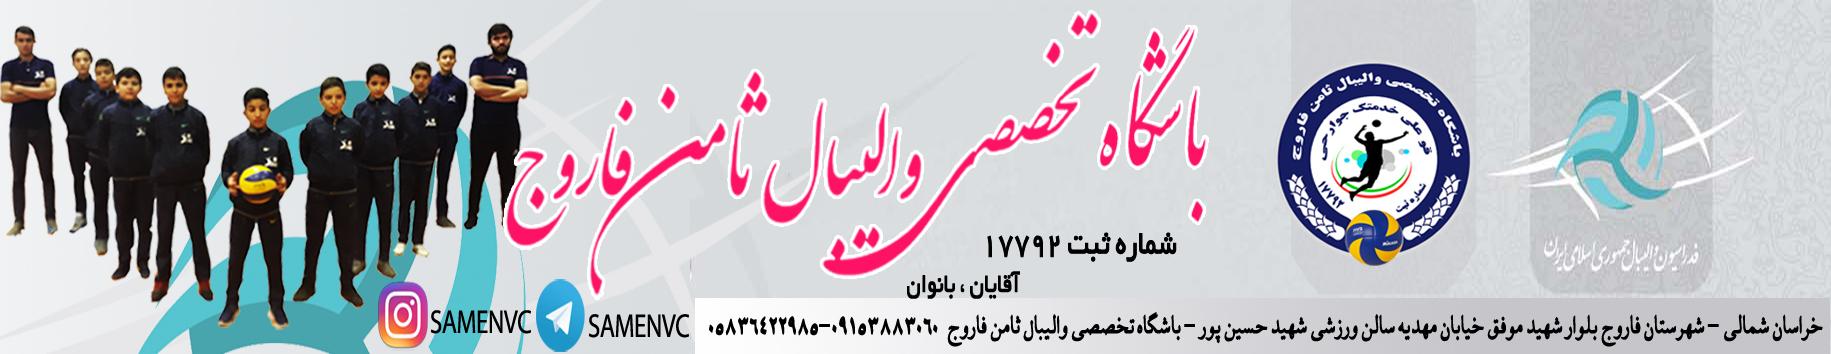 باشگاه فرهنگی ورزشی والیبال ثامن